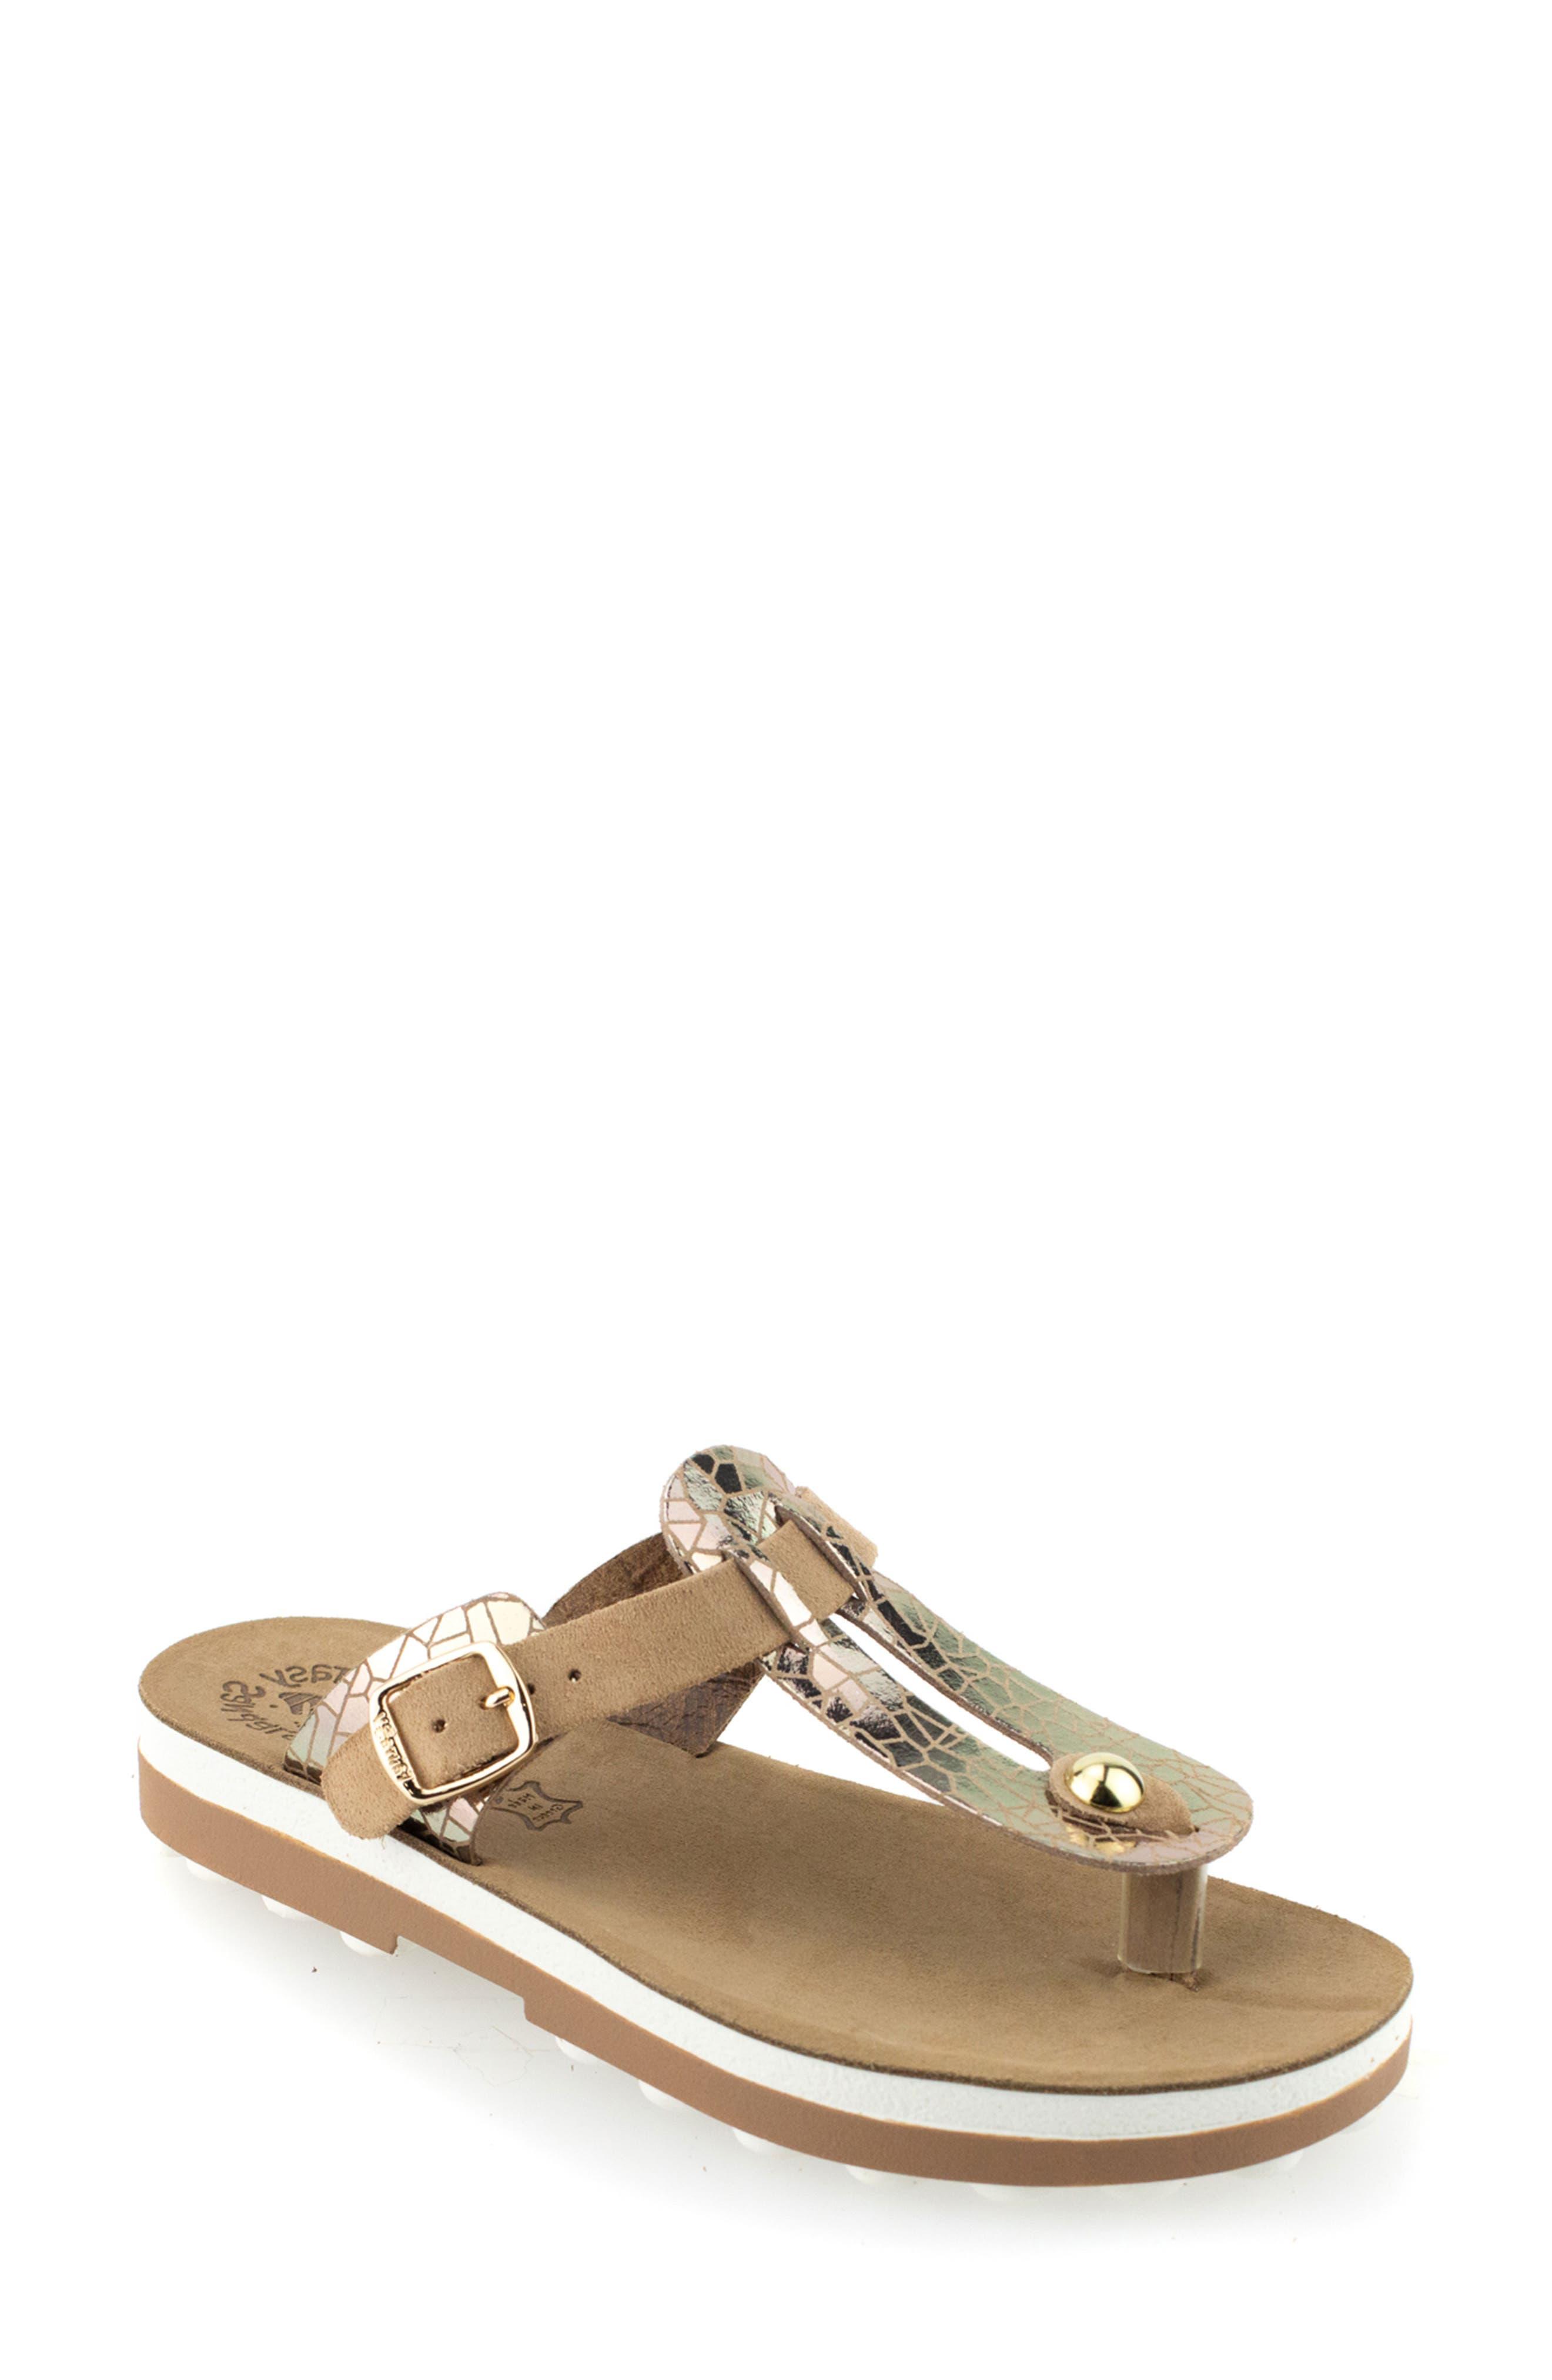 Mirabella T-Strap Sandal